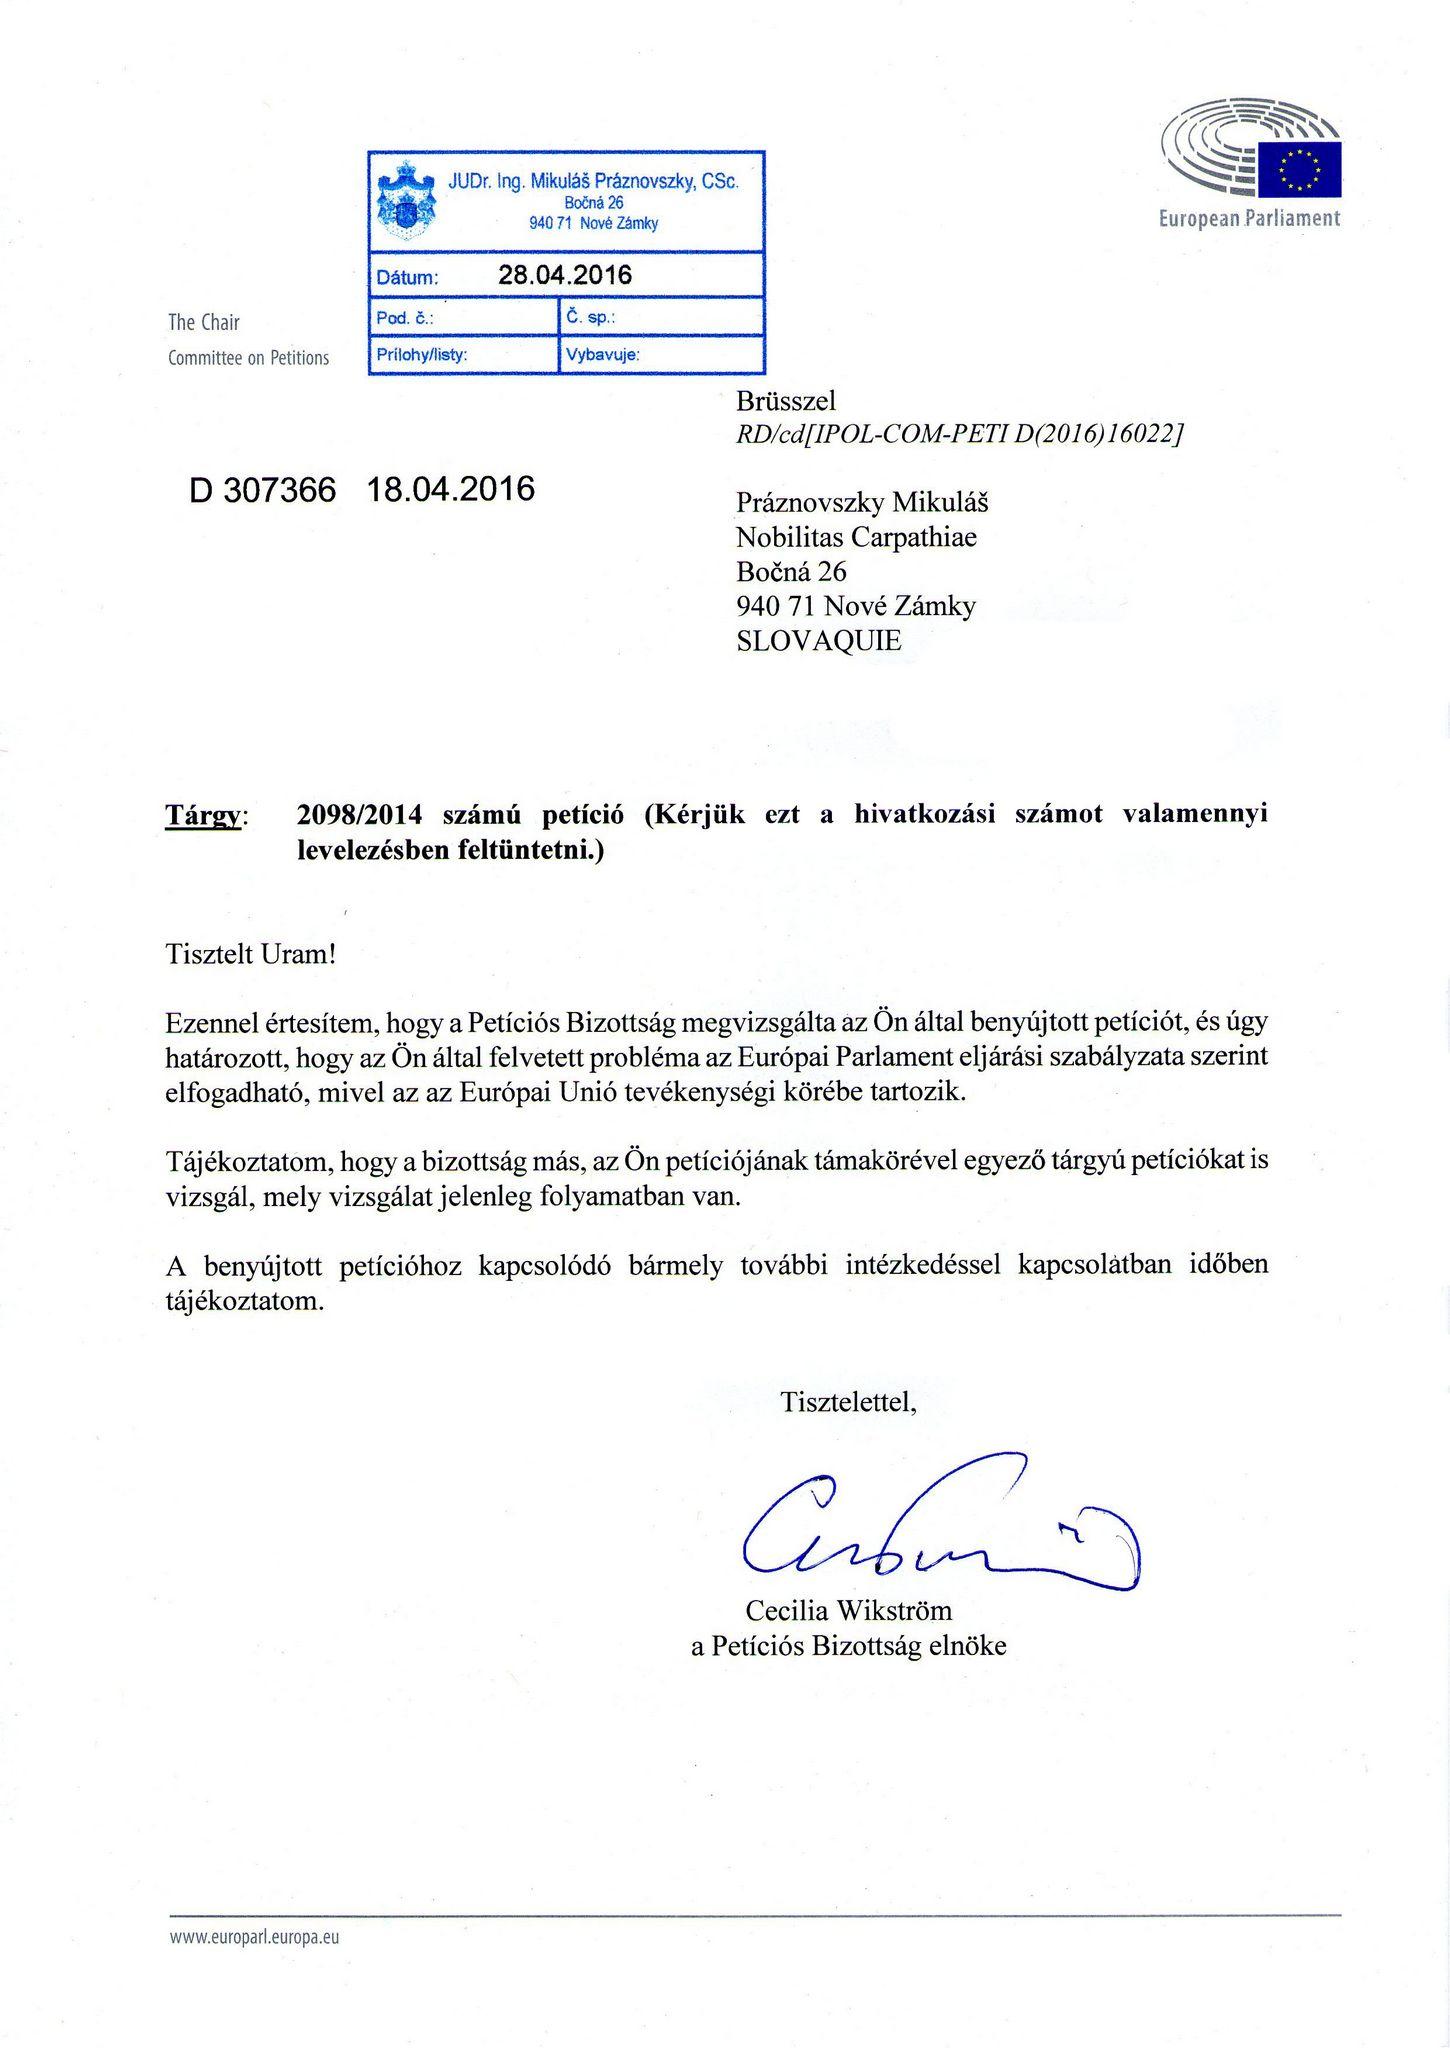 Az EP Petíciós Bizottsága elnökének levele (Forrás: Práznovszky Miklós)